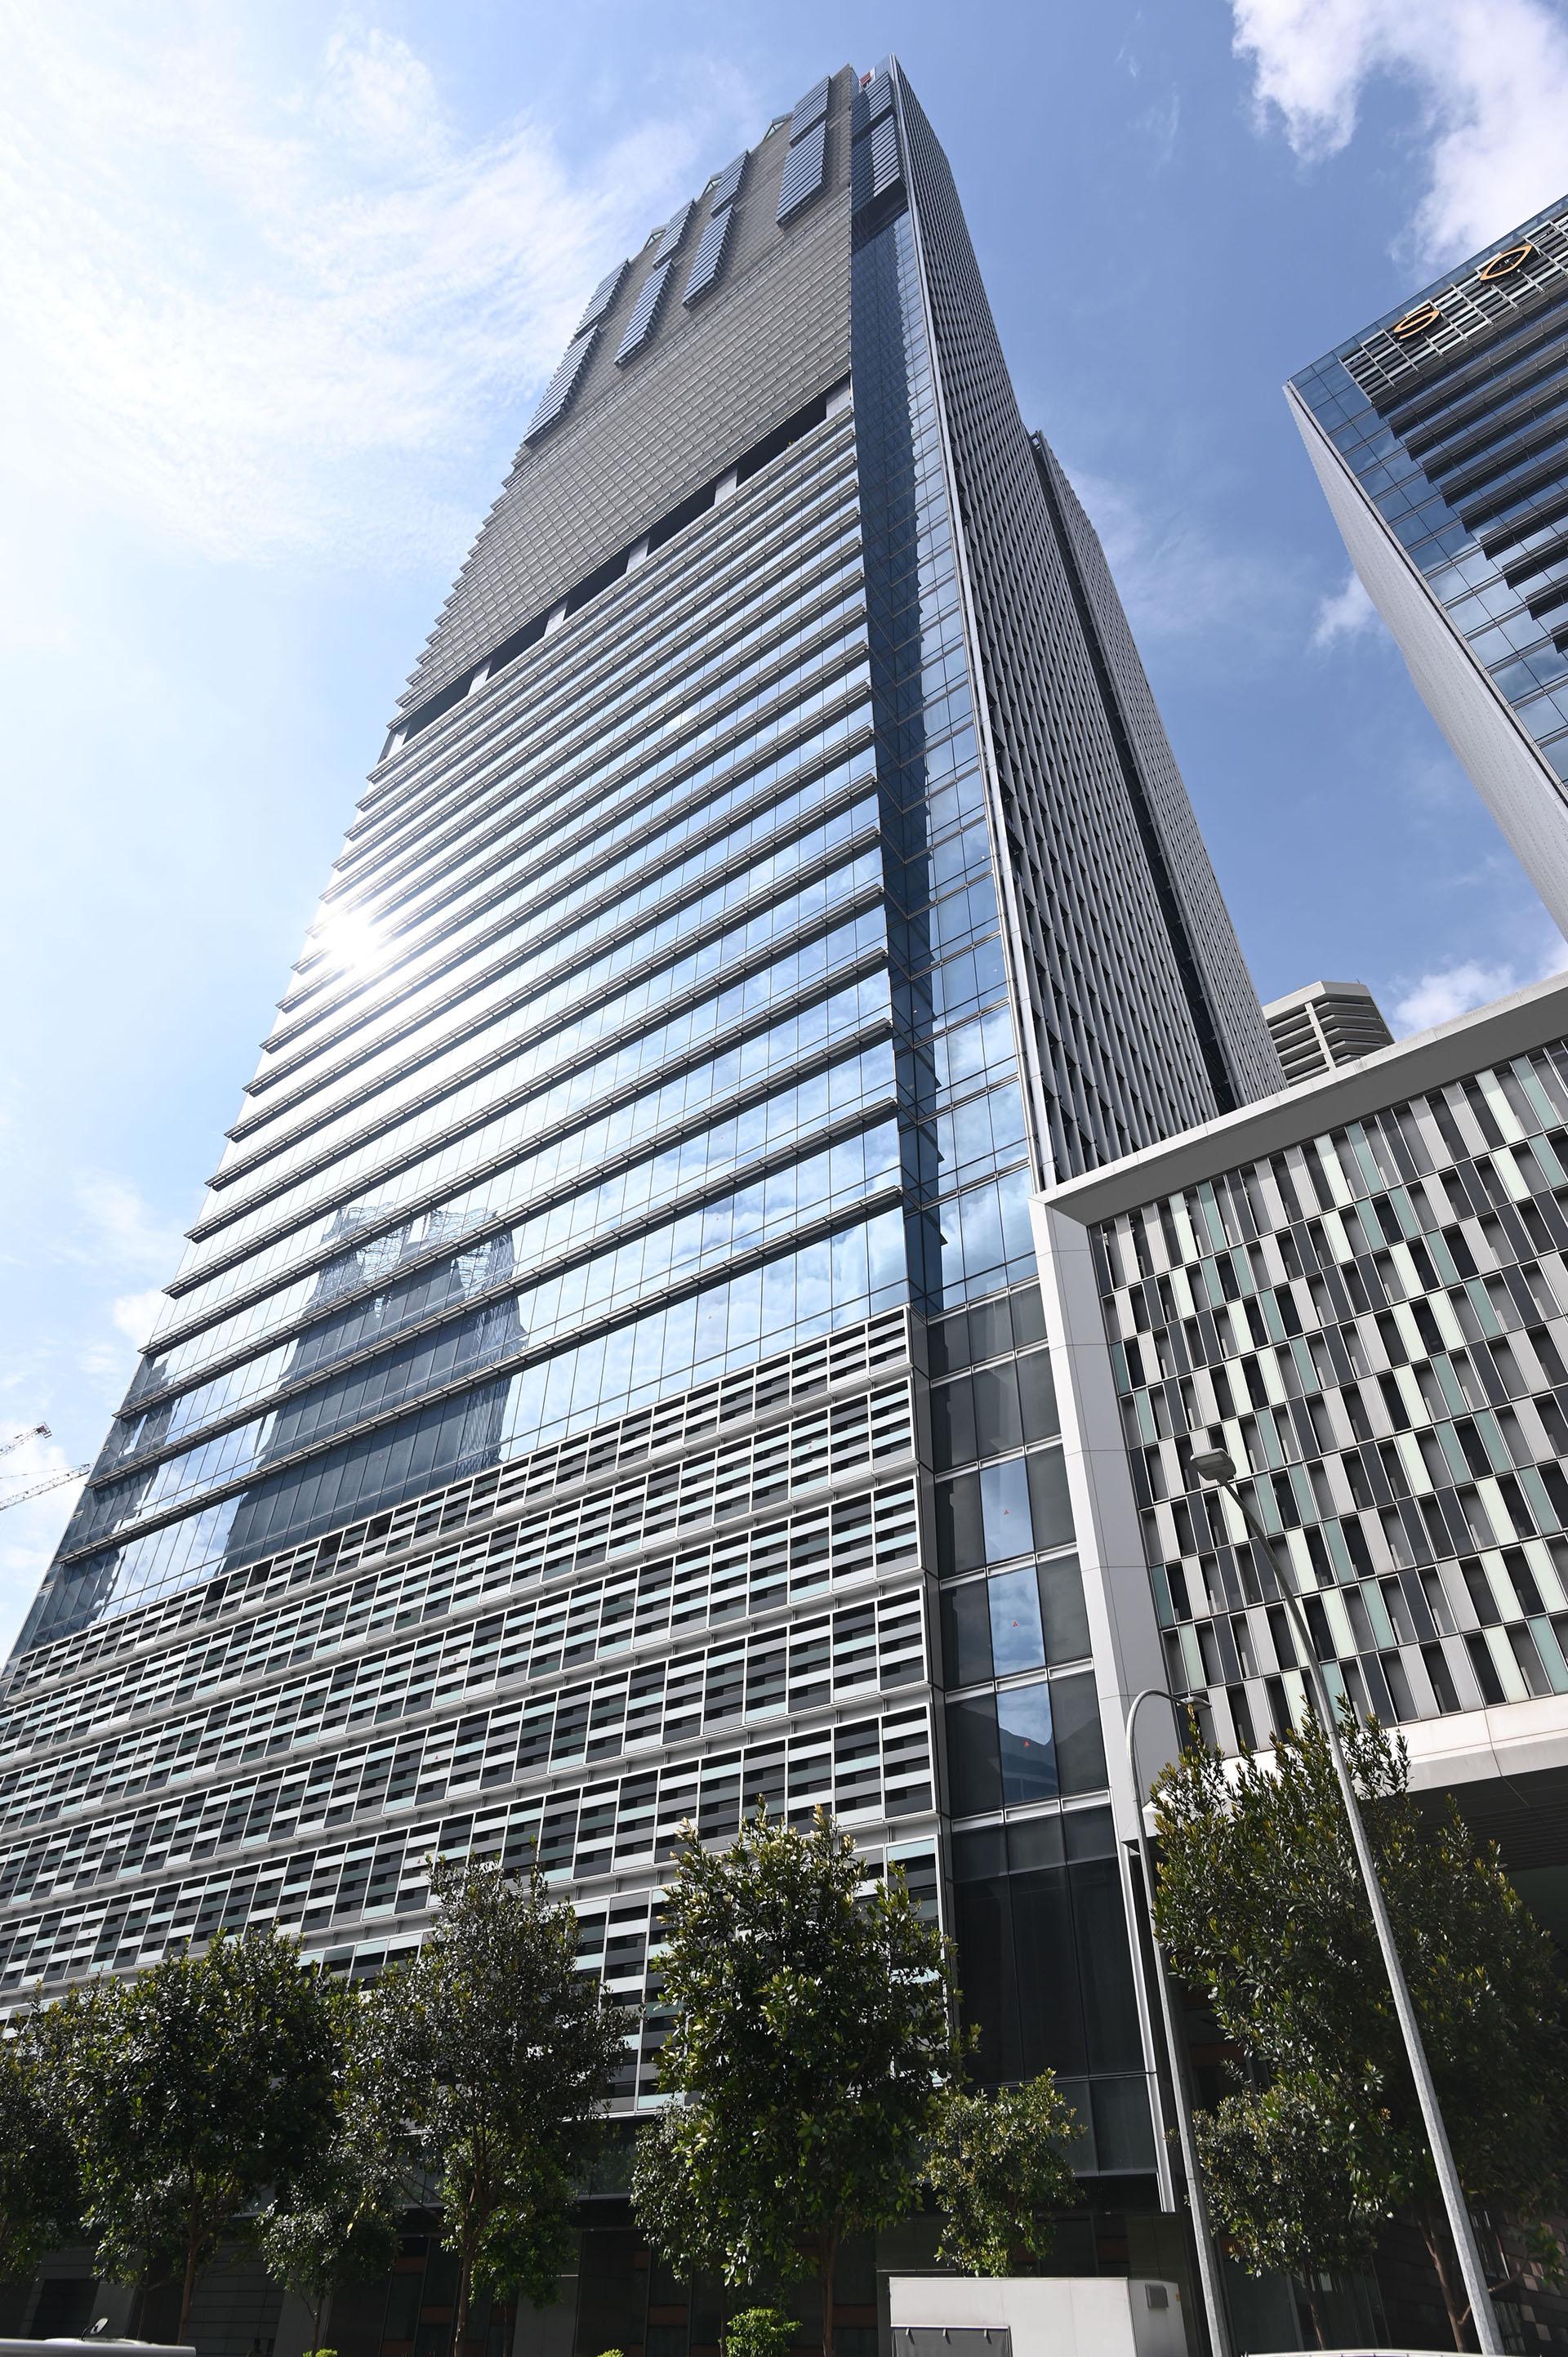 Tiene una altura de 290 metros y 68 pisos, que lo hacen el edificio más alto de Singapur y uno de los cien más altos de todo el continente asiático